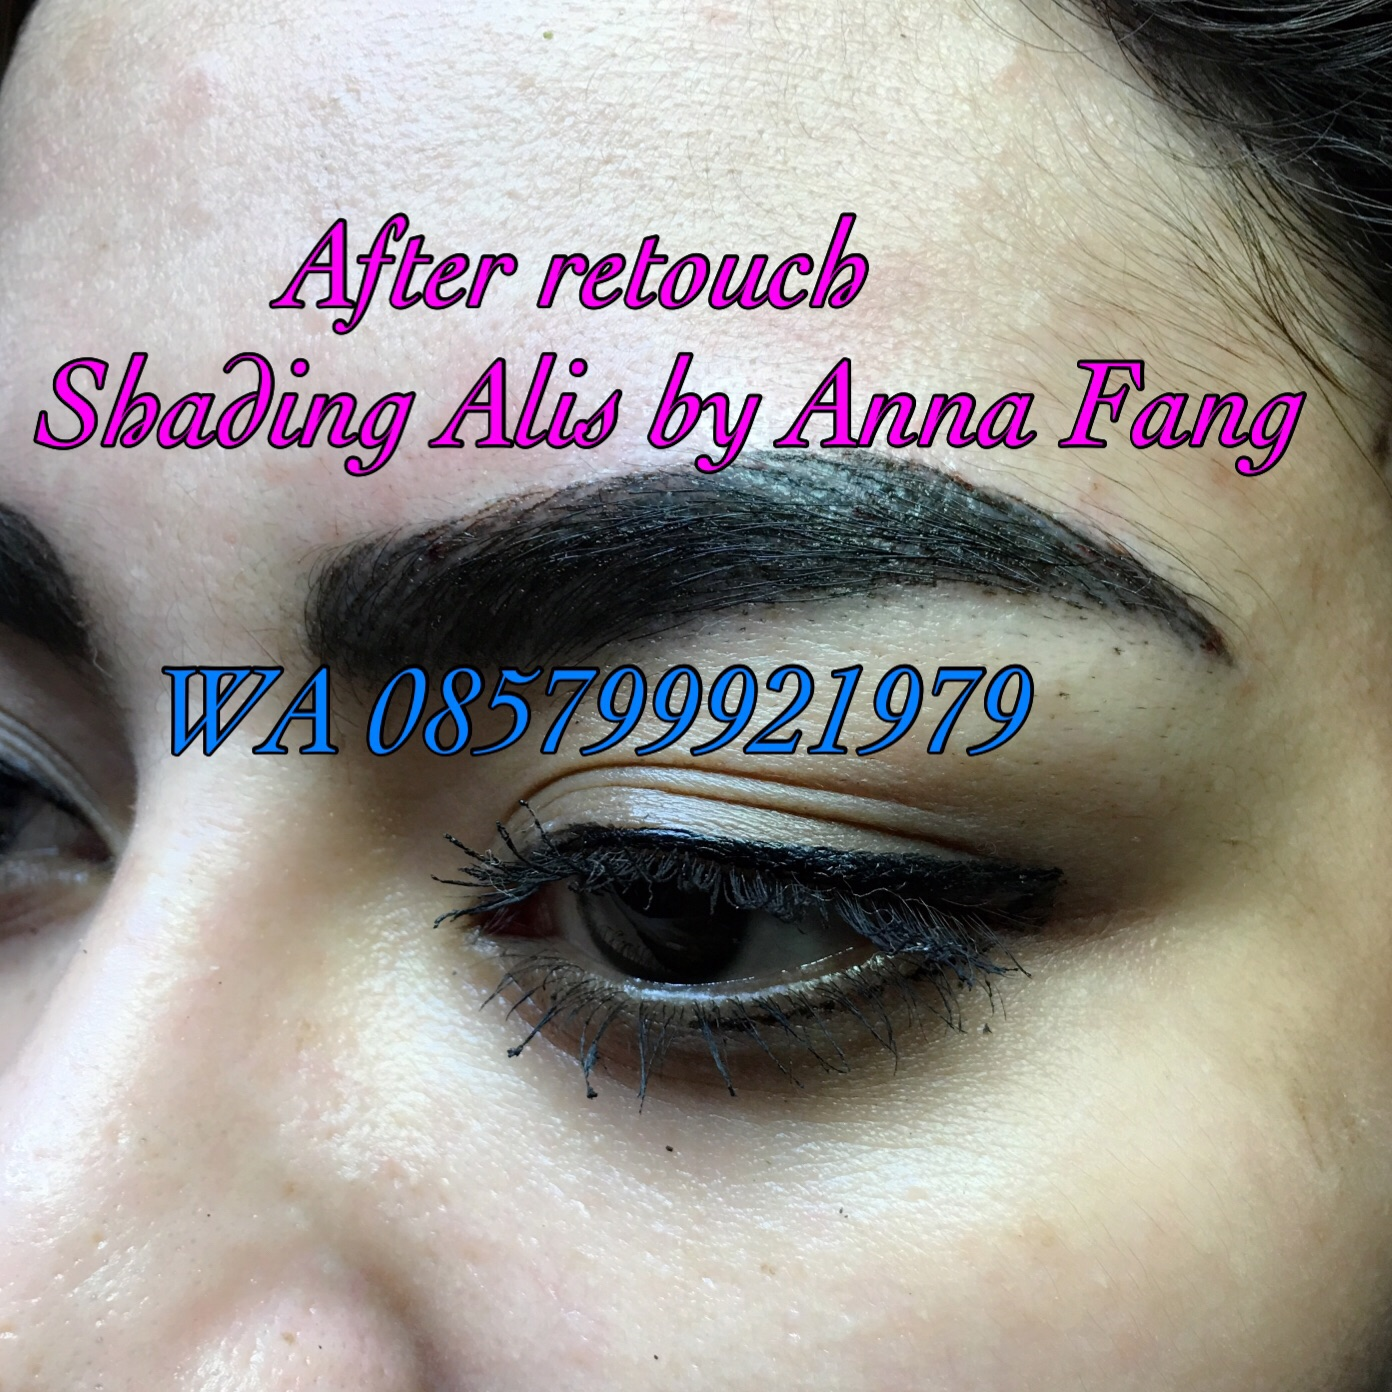 ANNA FANG Center Of Pemanent MakeUp Amp Beauty Salon Studio